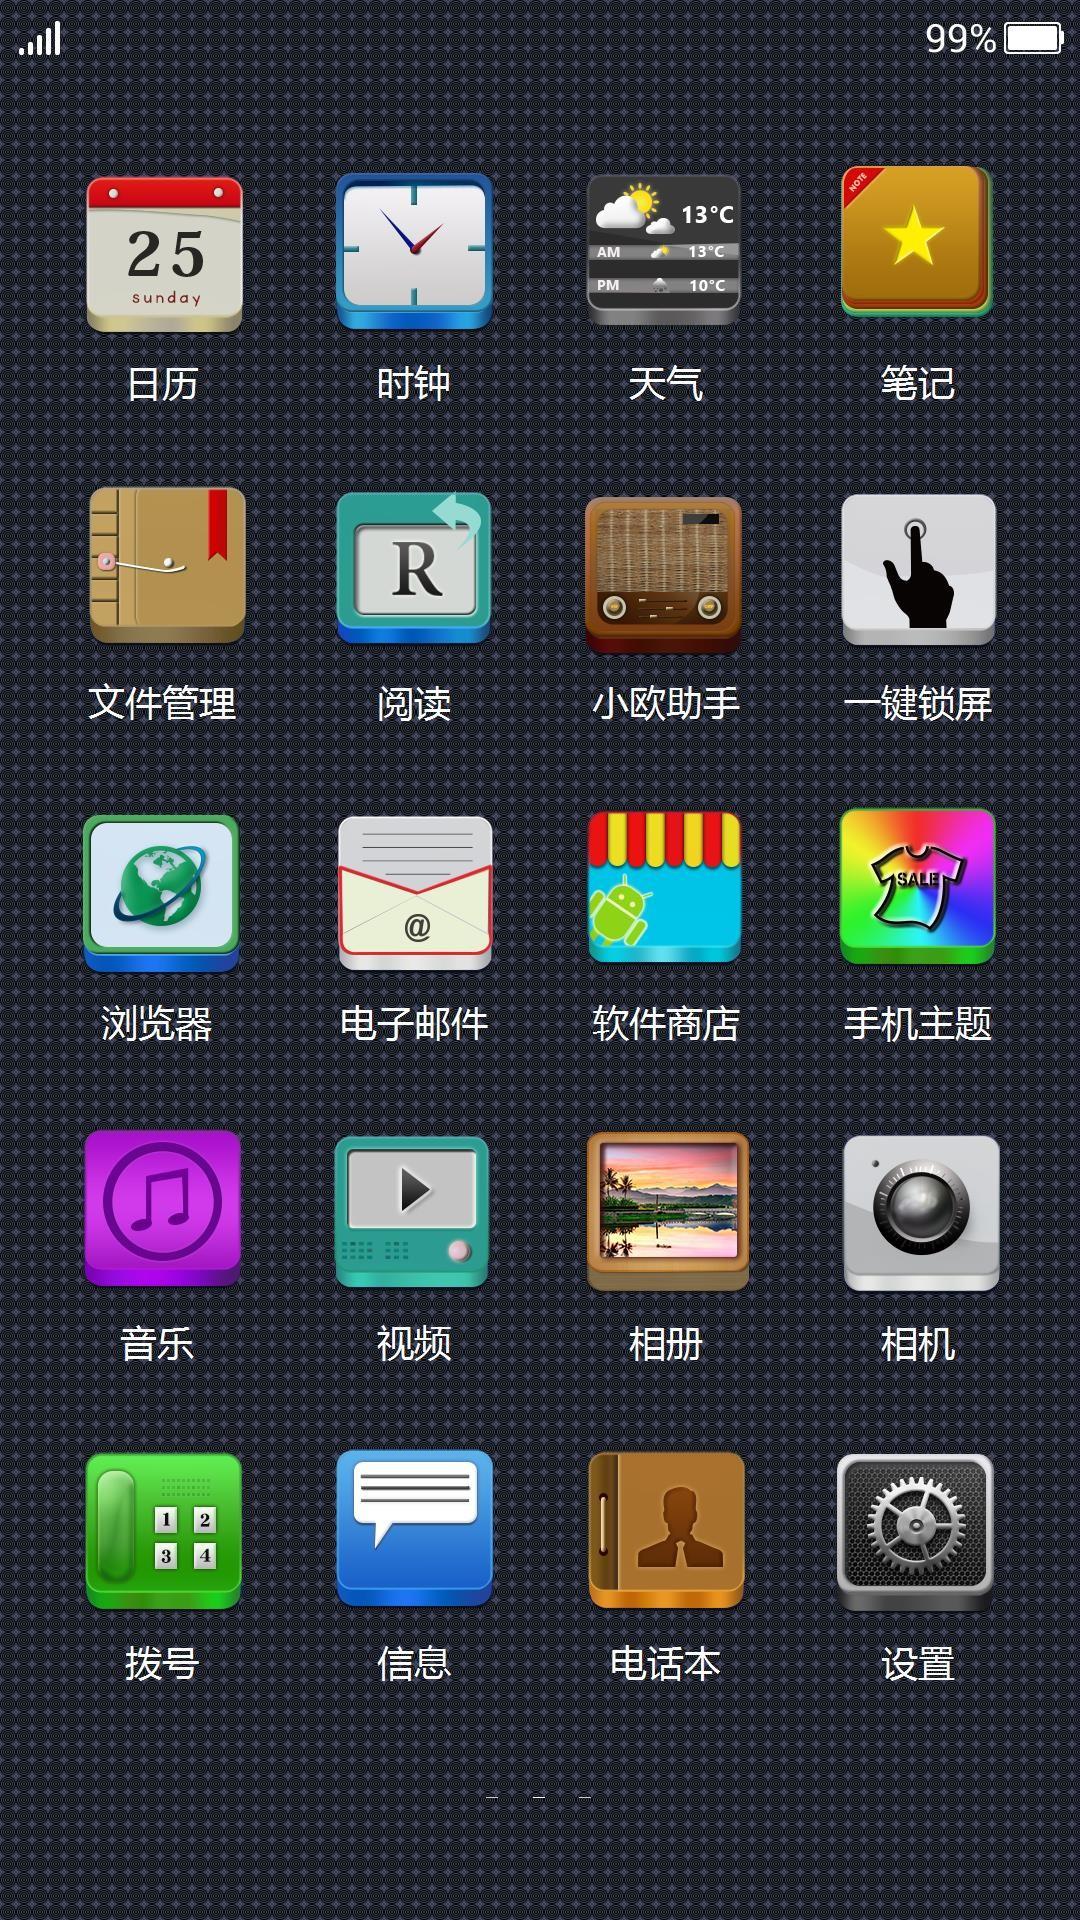 preview_menu.png